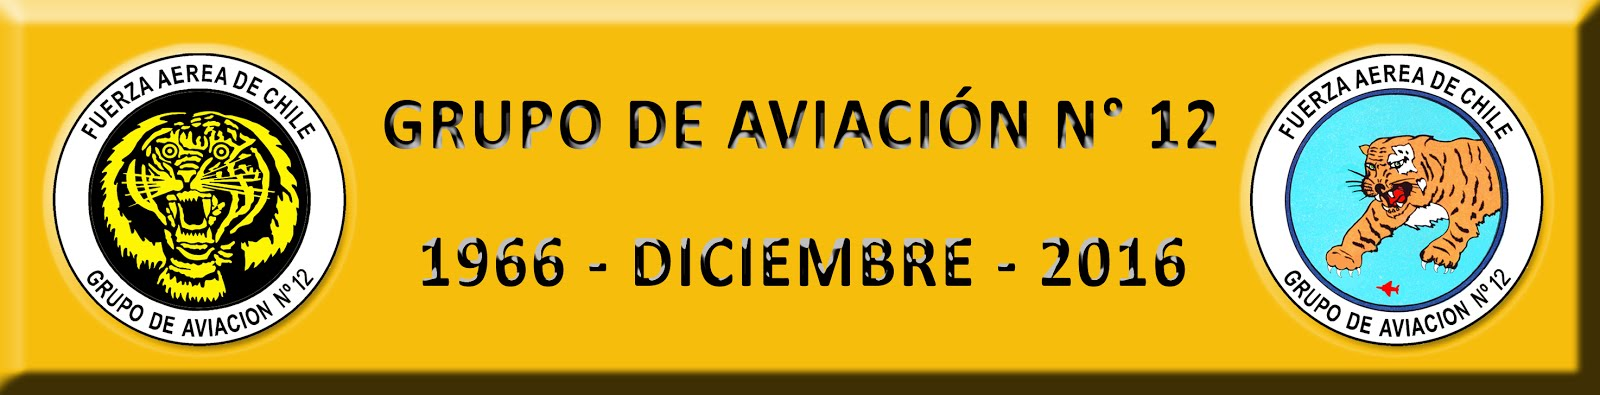 GRUPO de AVIACIÓN N° 12 - NO OFICIAL